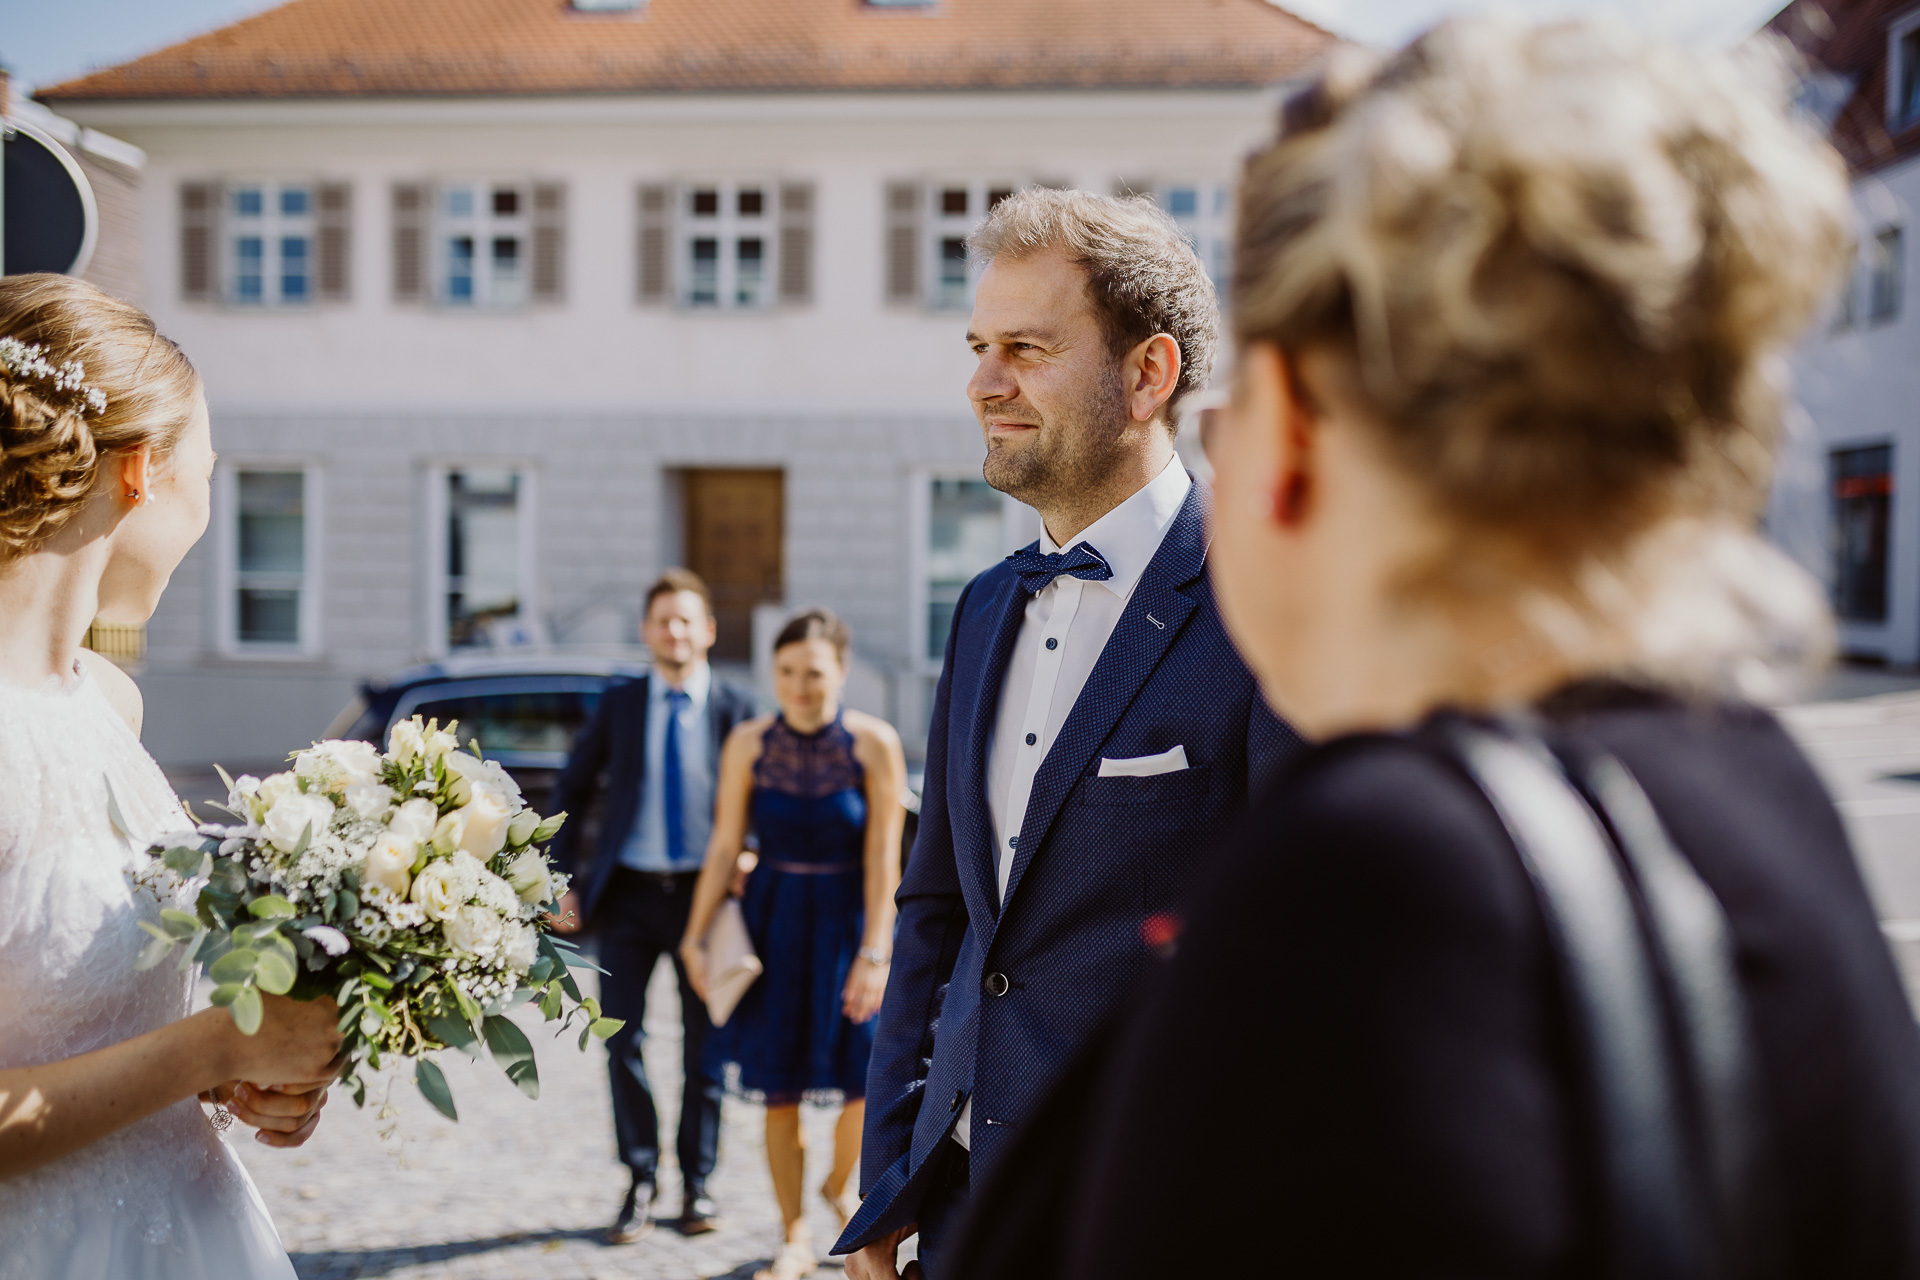 Alexander Utz, Fotografie, Hochzeit, Augsburg, Brautkleid, Brautstrauss-34